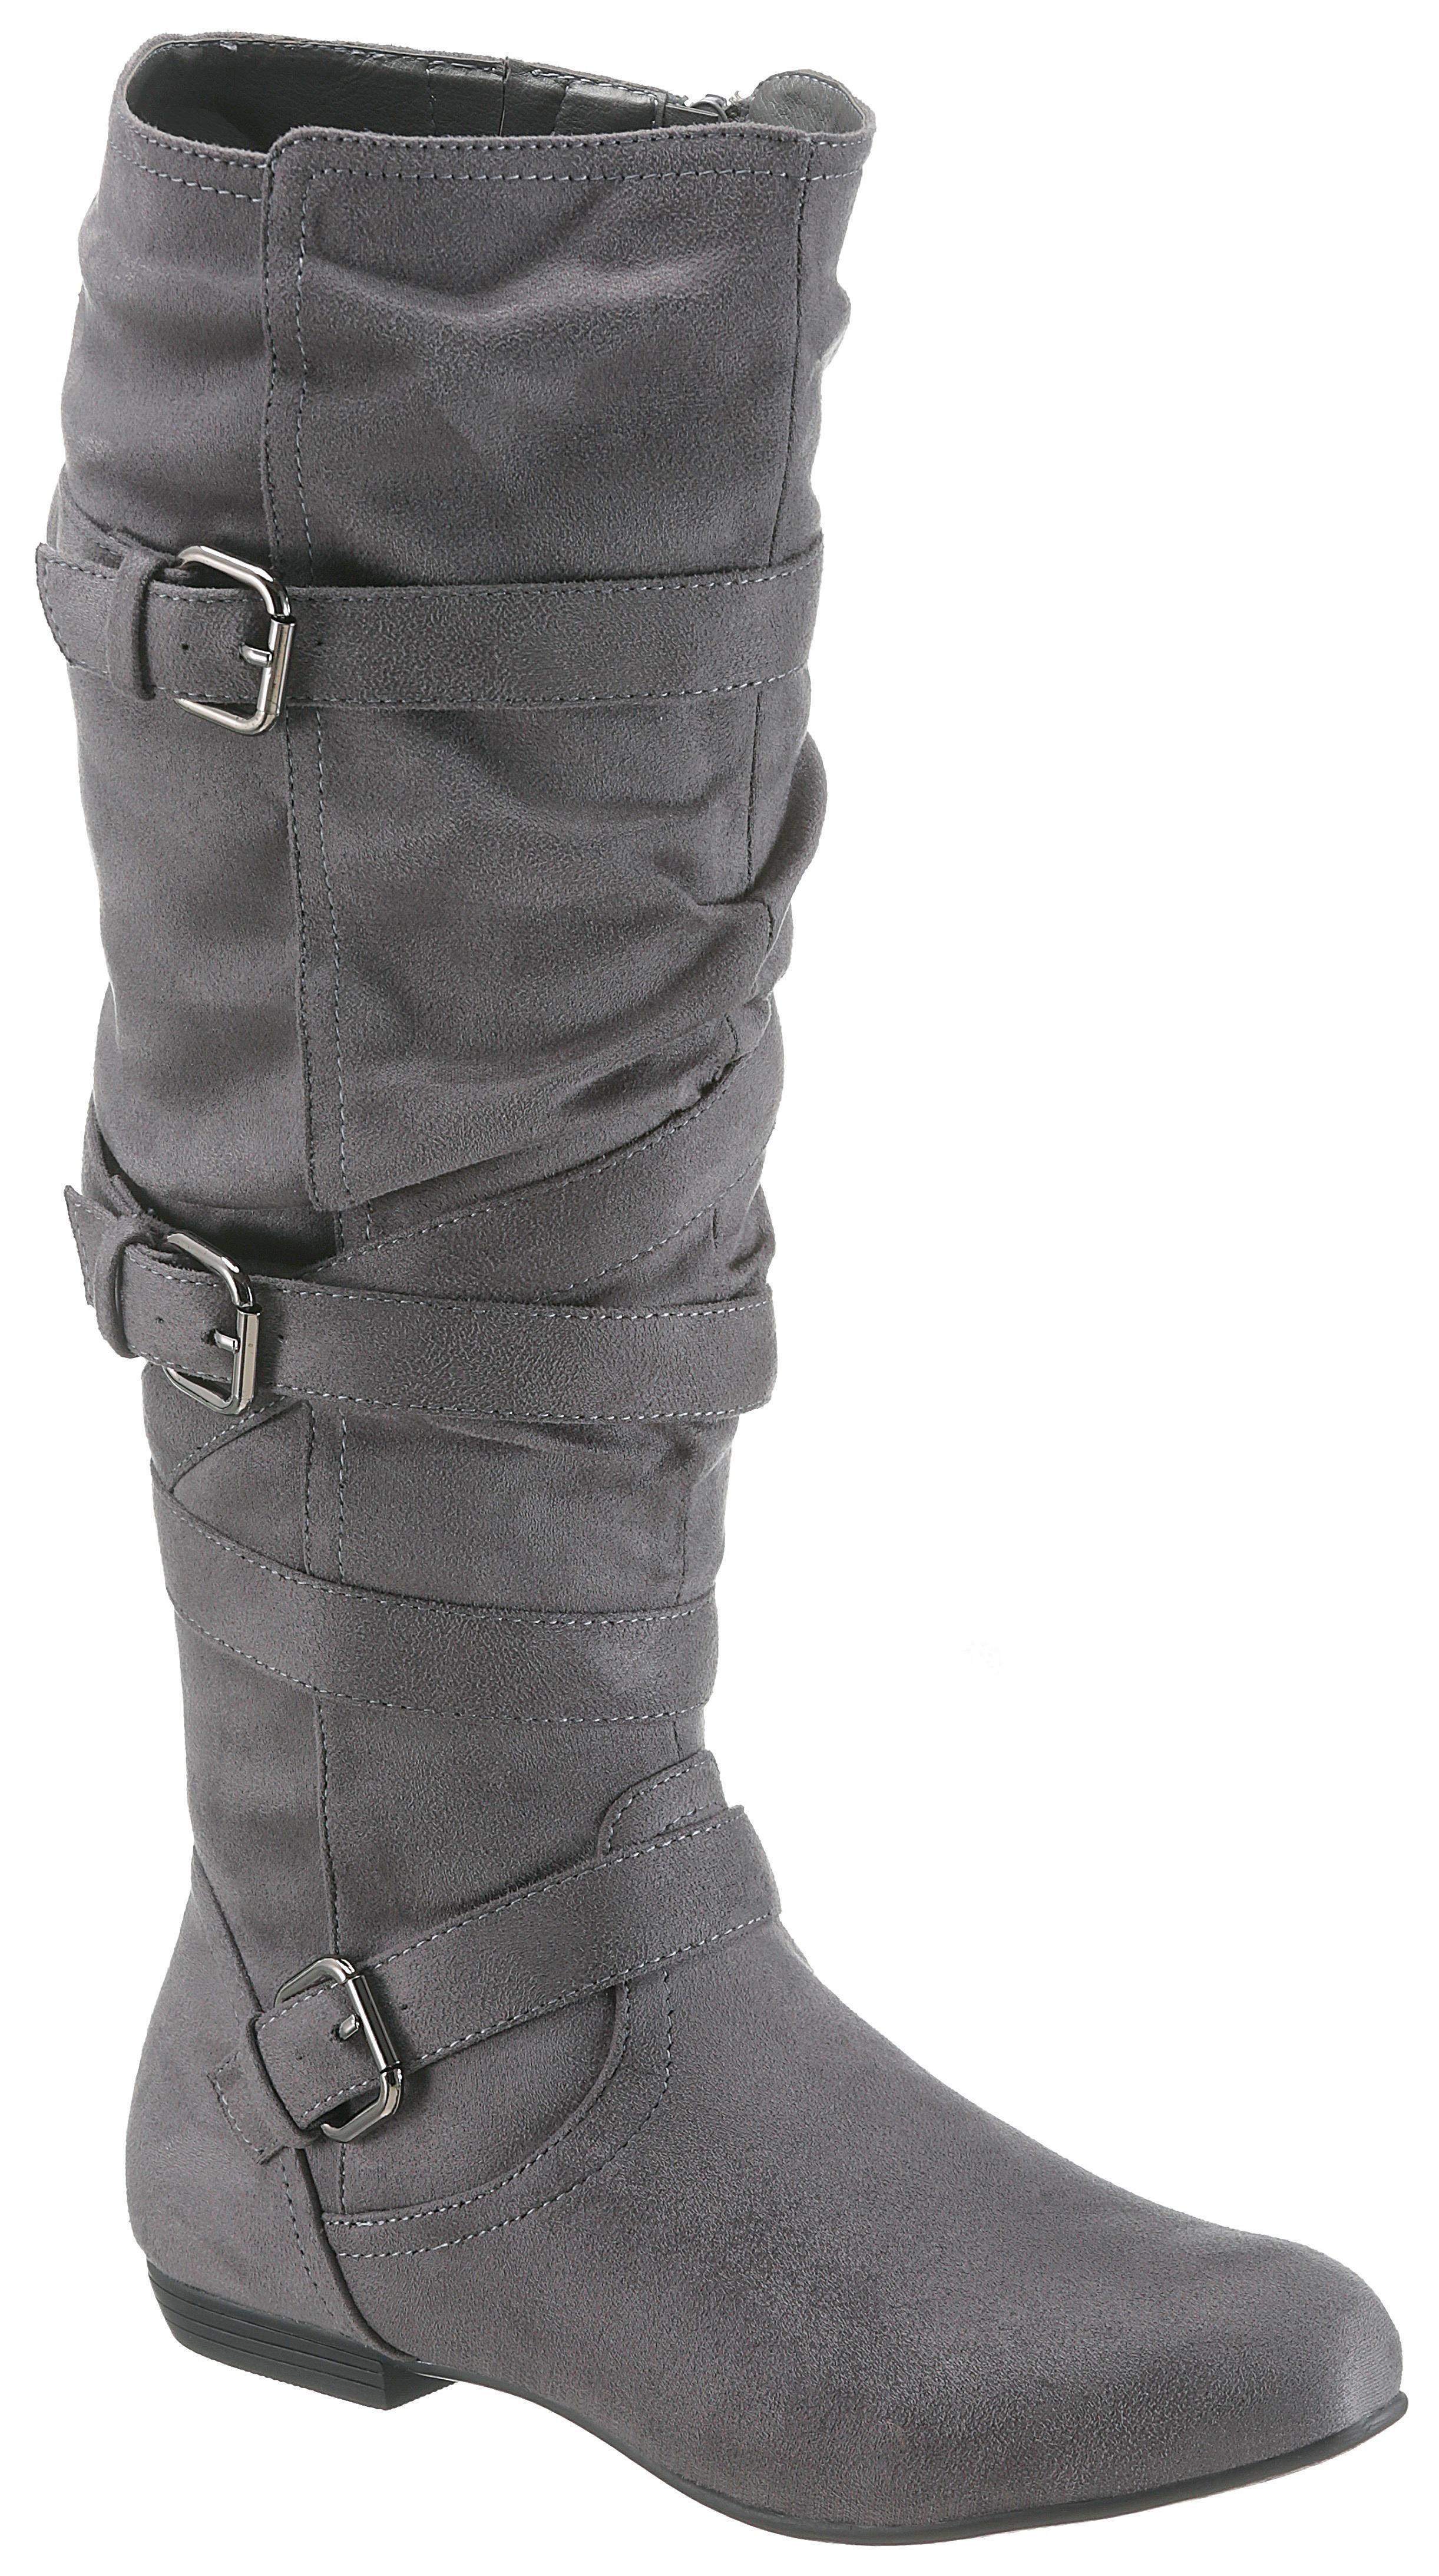 CITY WALK Stiefel mit verstellbaren Schnallen | OTTO